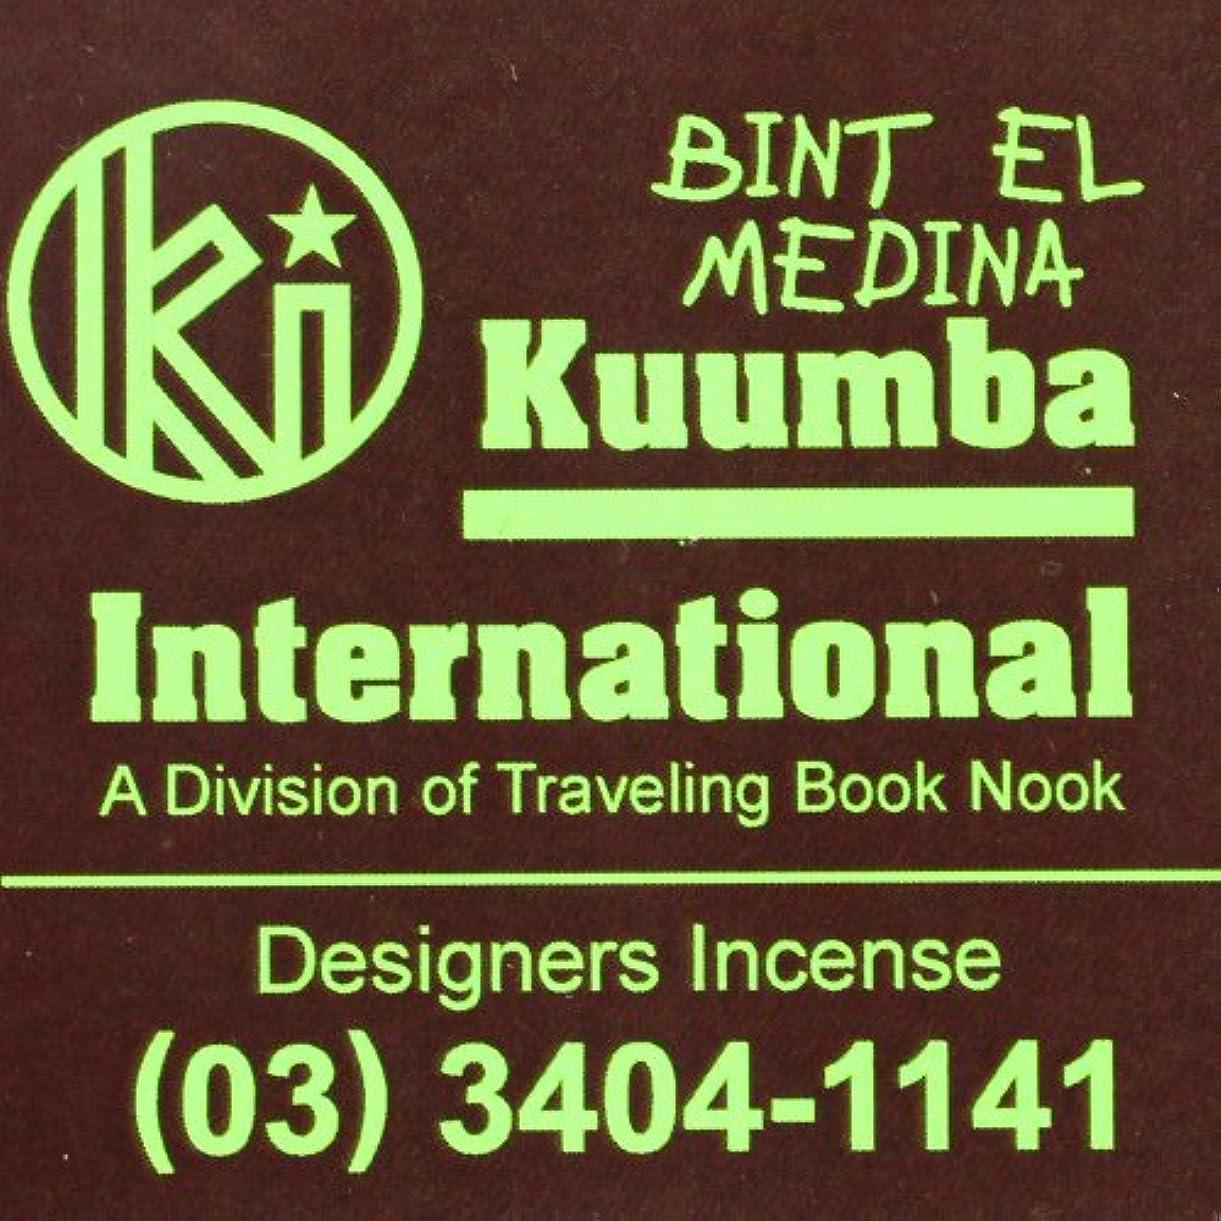 コレクション因子見つける(クンバ) KUUMBA『classic regular incense』(BINT EL MEDINA) (Regular size)